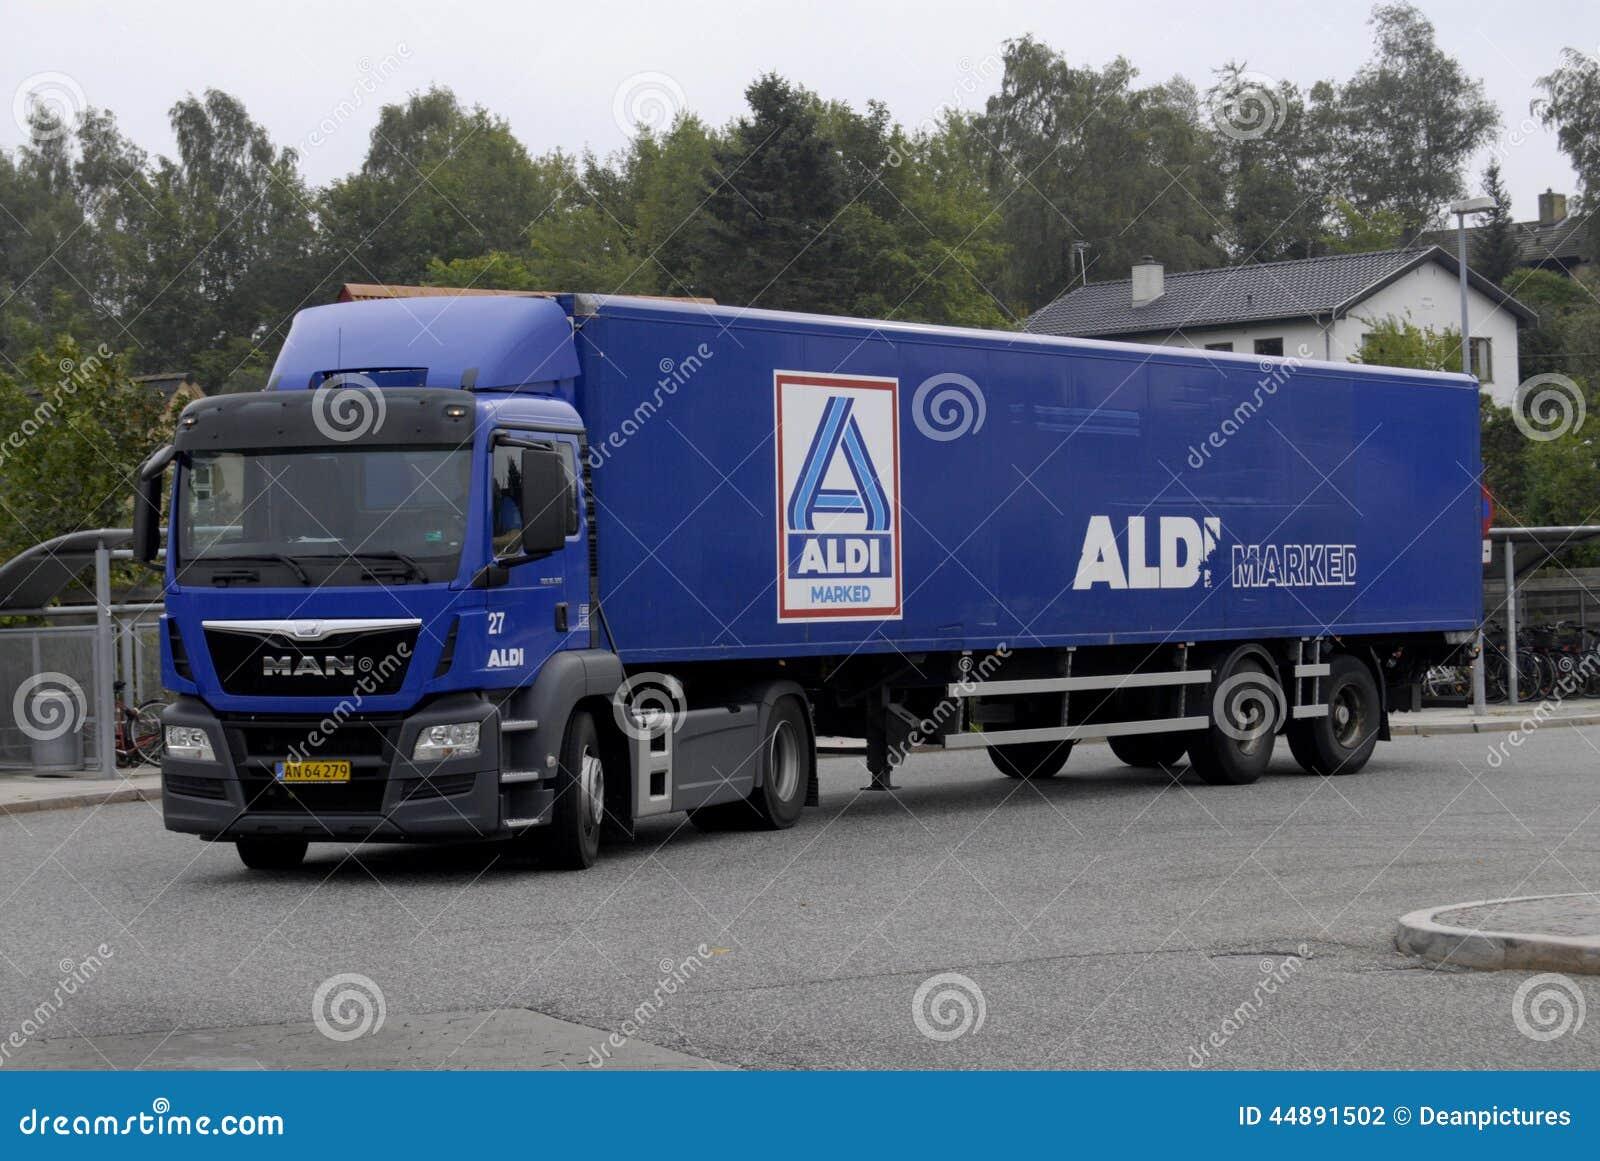 Buy Food Truck Uk